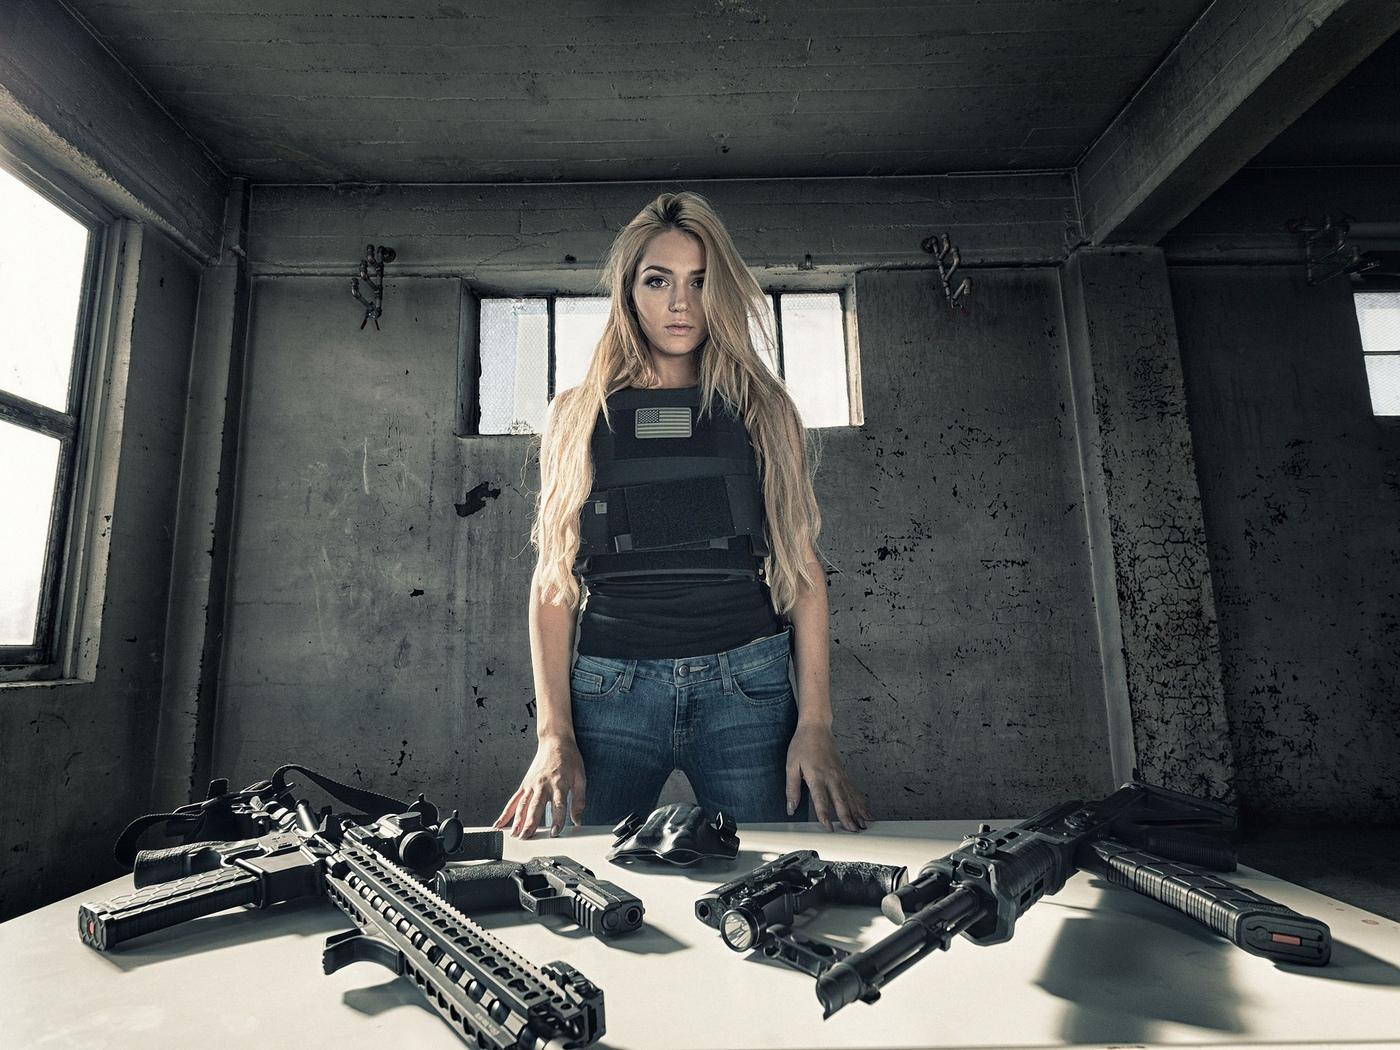 девушка, модель, позирует, оружие, бронь